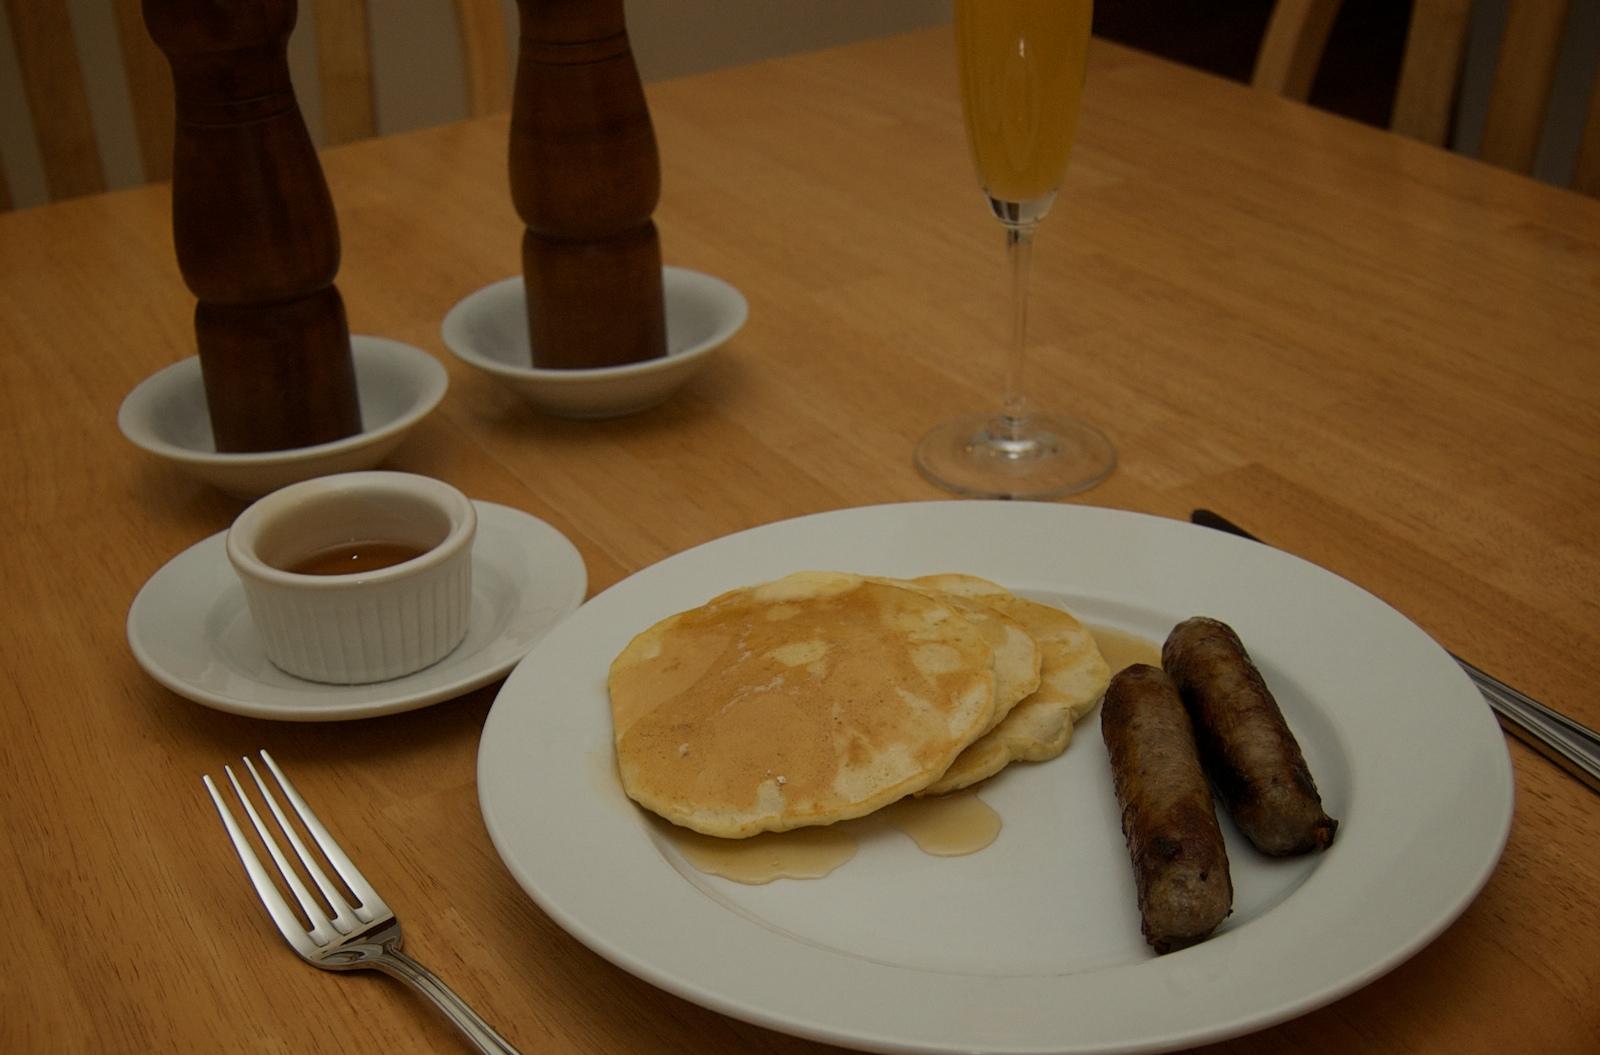 http://blog.rickk.com/food/2009/12/25/pancake.jpg